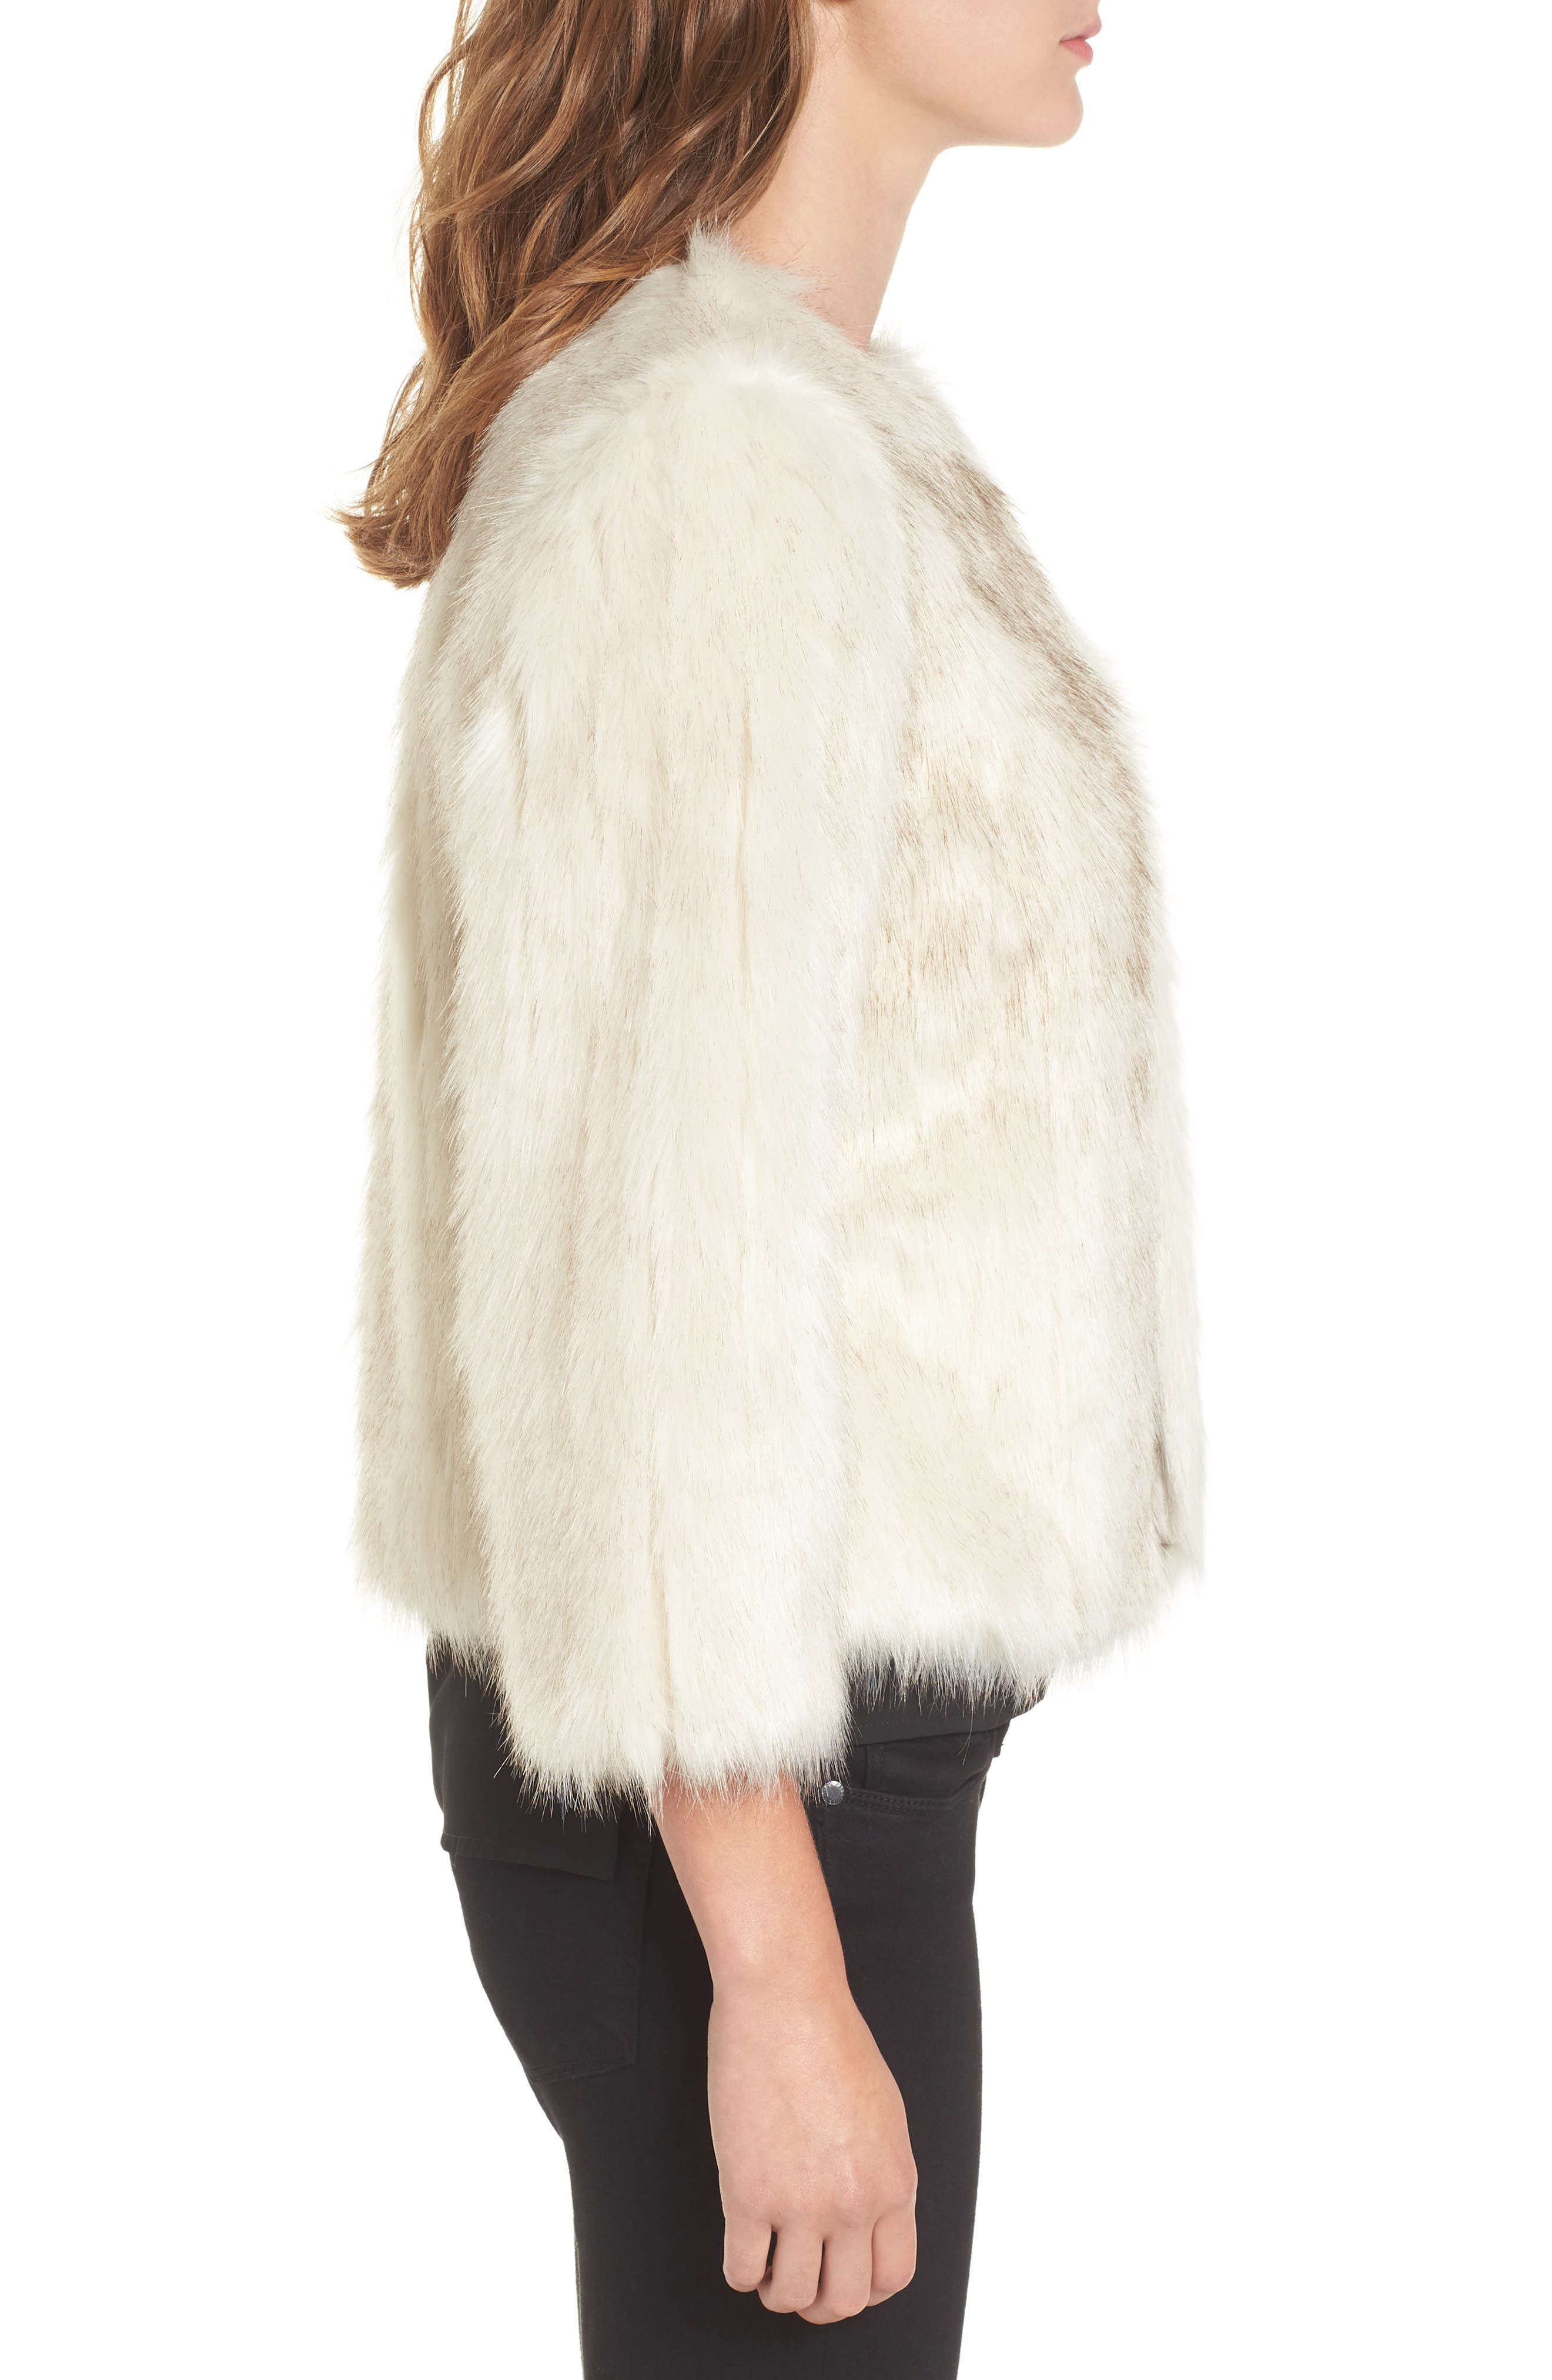 Winter Faux Fur Jacket,                             Alternate thumbnail 3, color,                             905